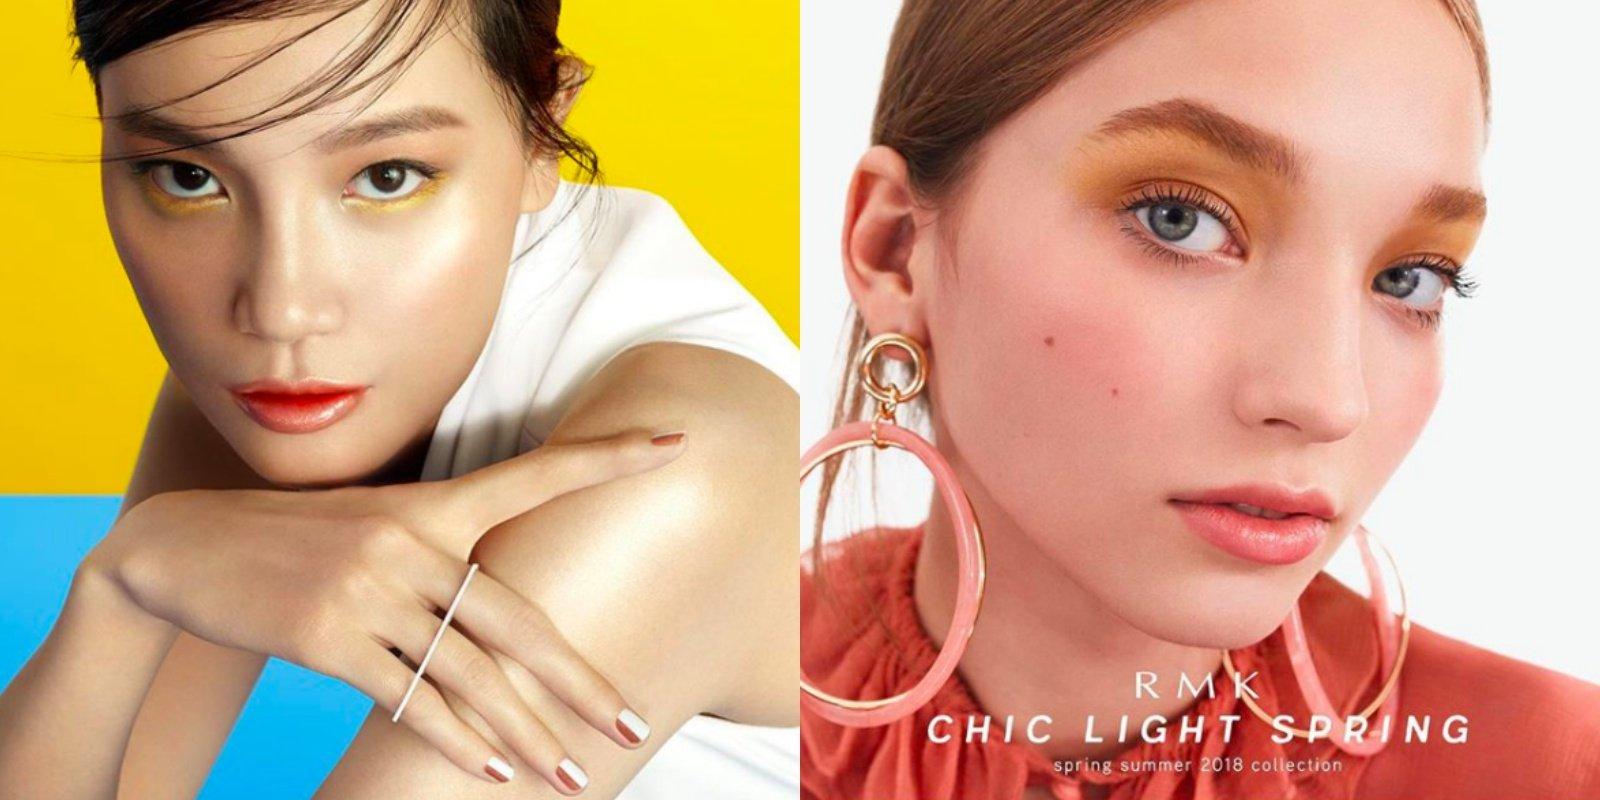 黄色眼影也可以很仙!RMK、SUQQU 黄眼影竟然在日本卖到缺货!